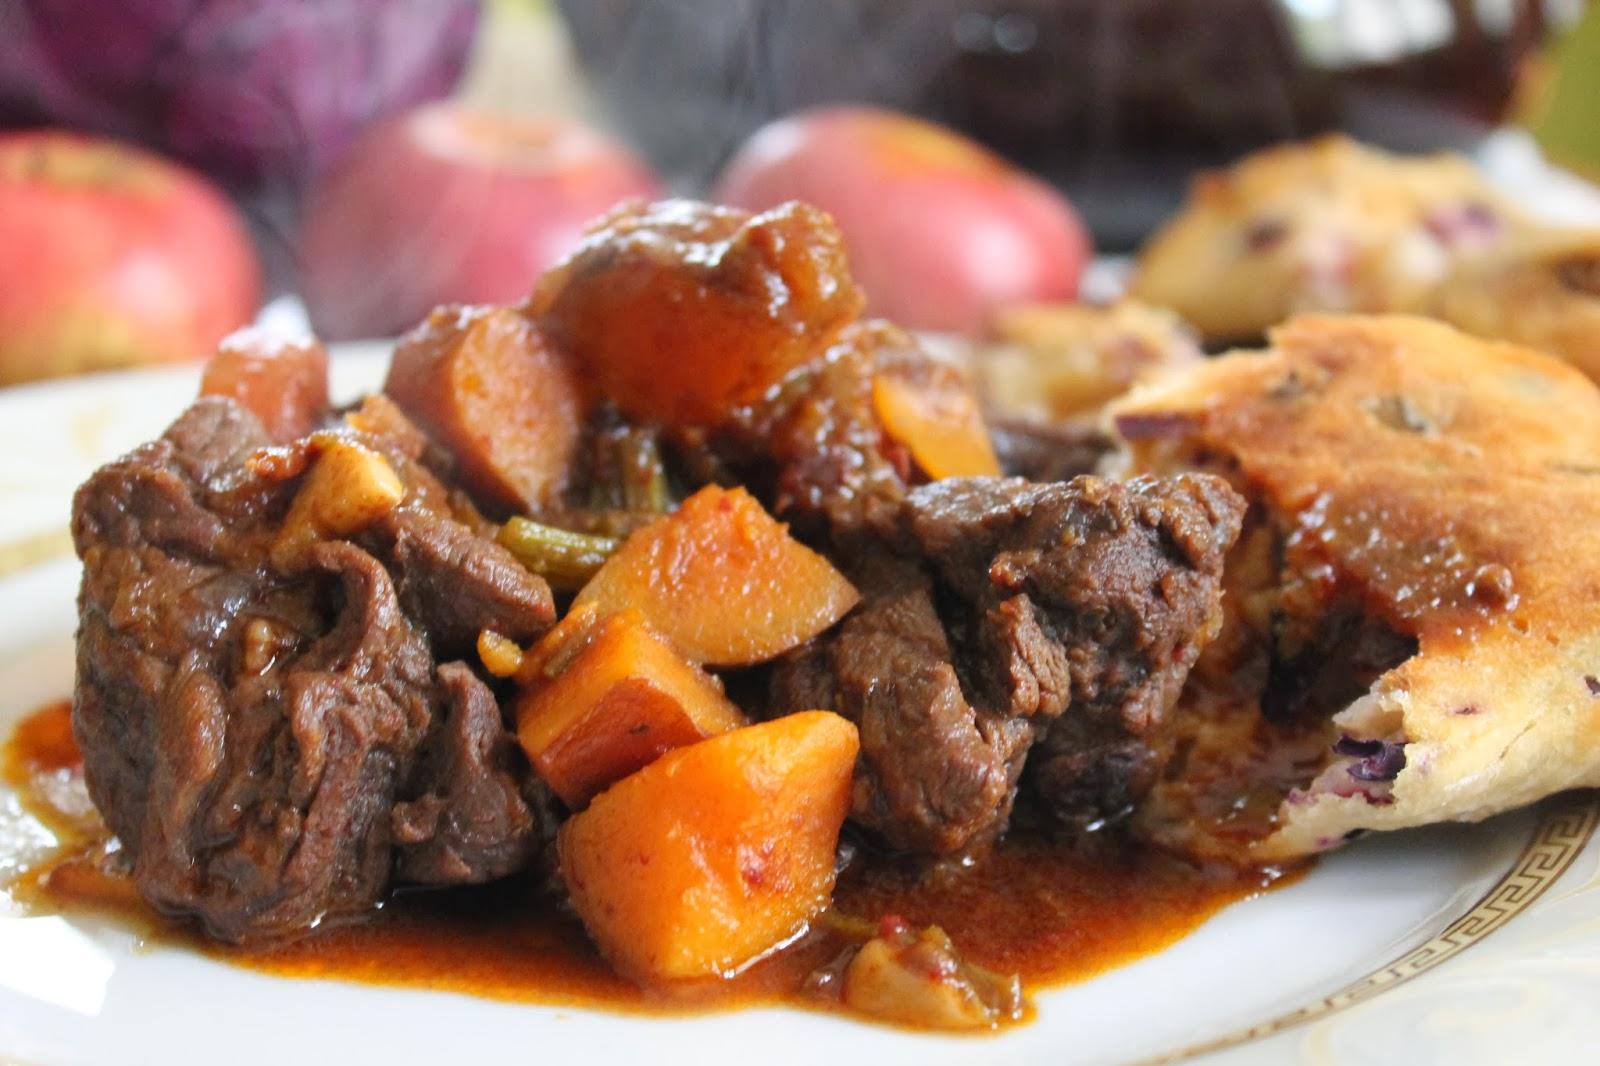 spezzatino di bufalo all'aglianico con batata rossa e paninetti alla mela annurca e cavolo rosso